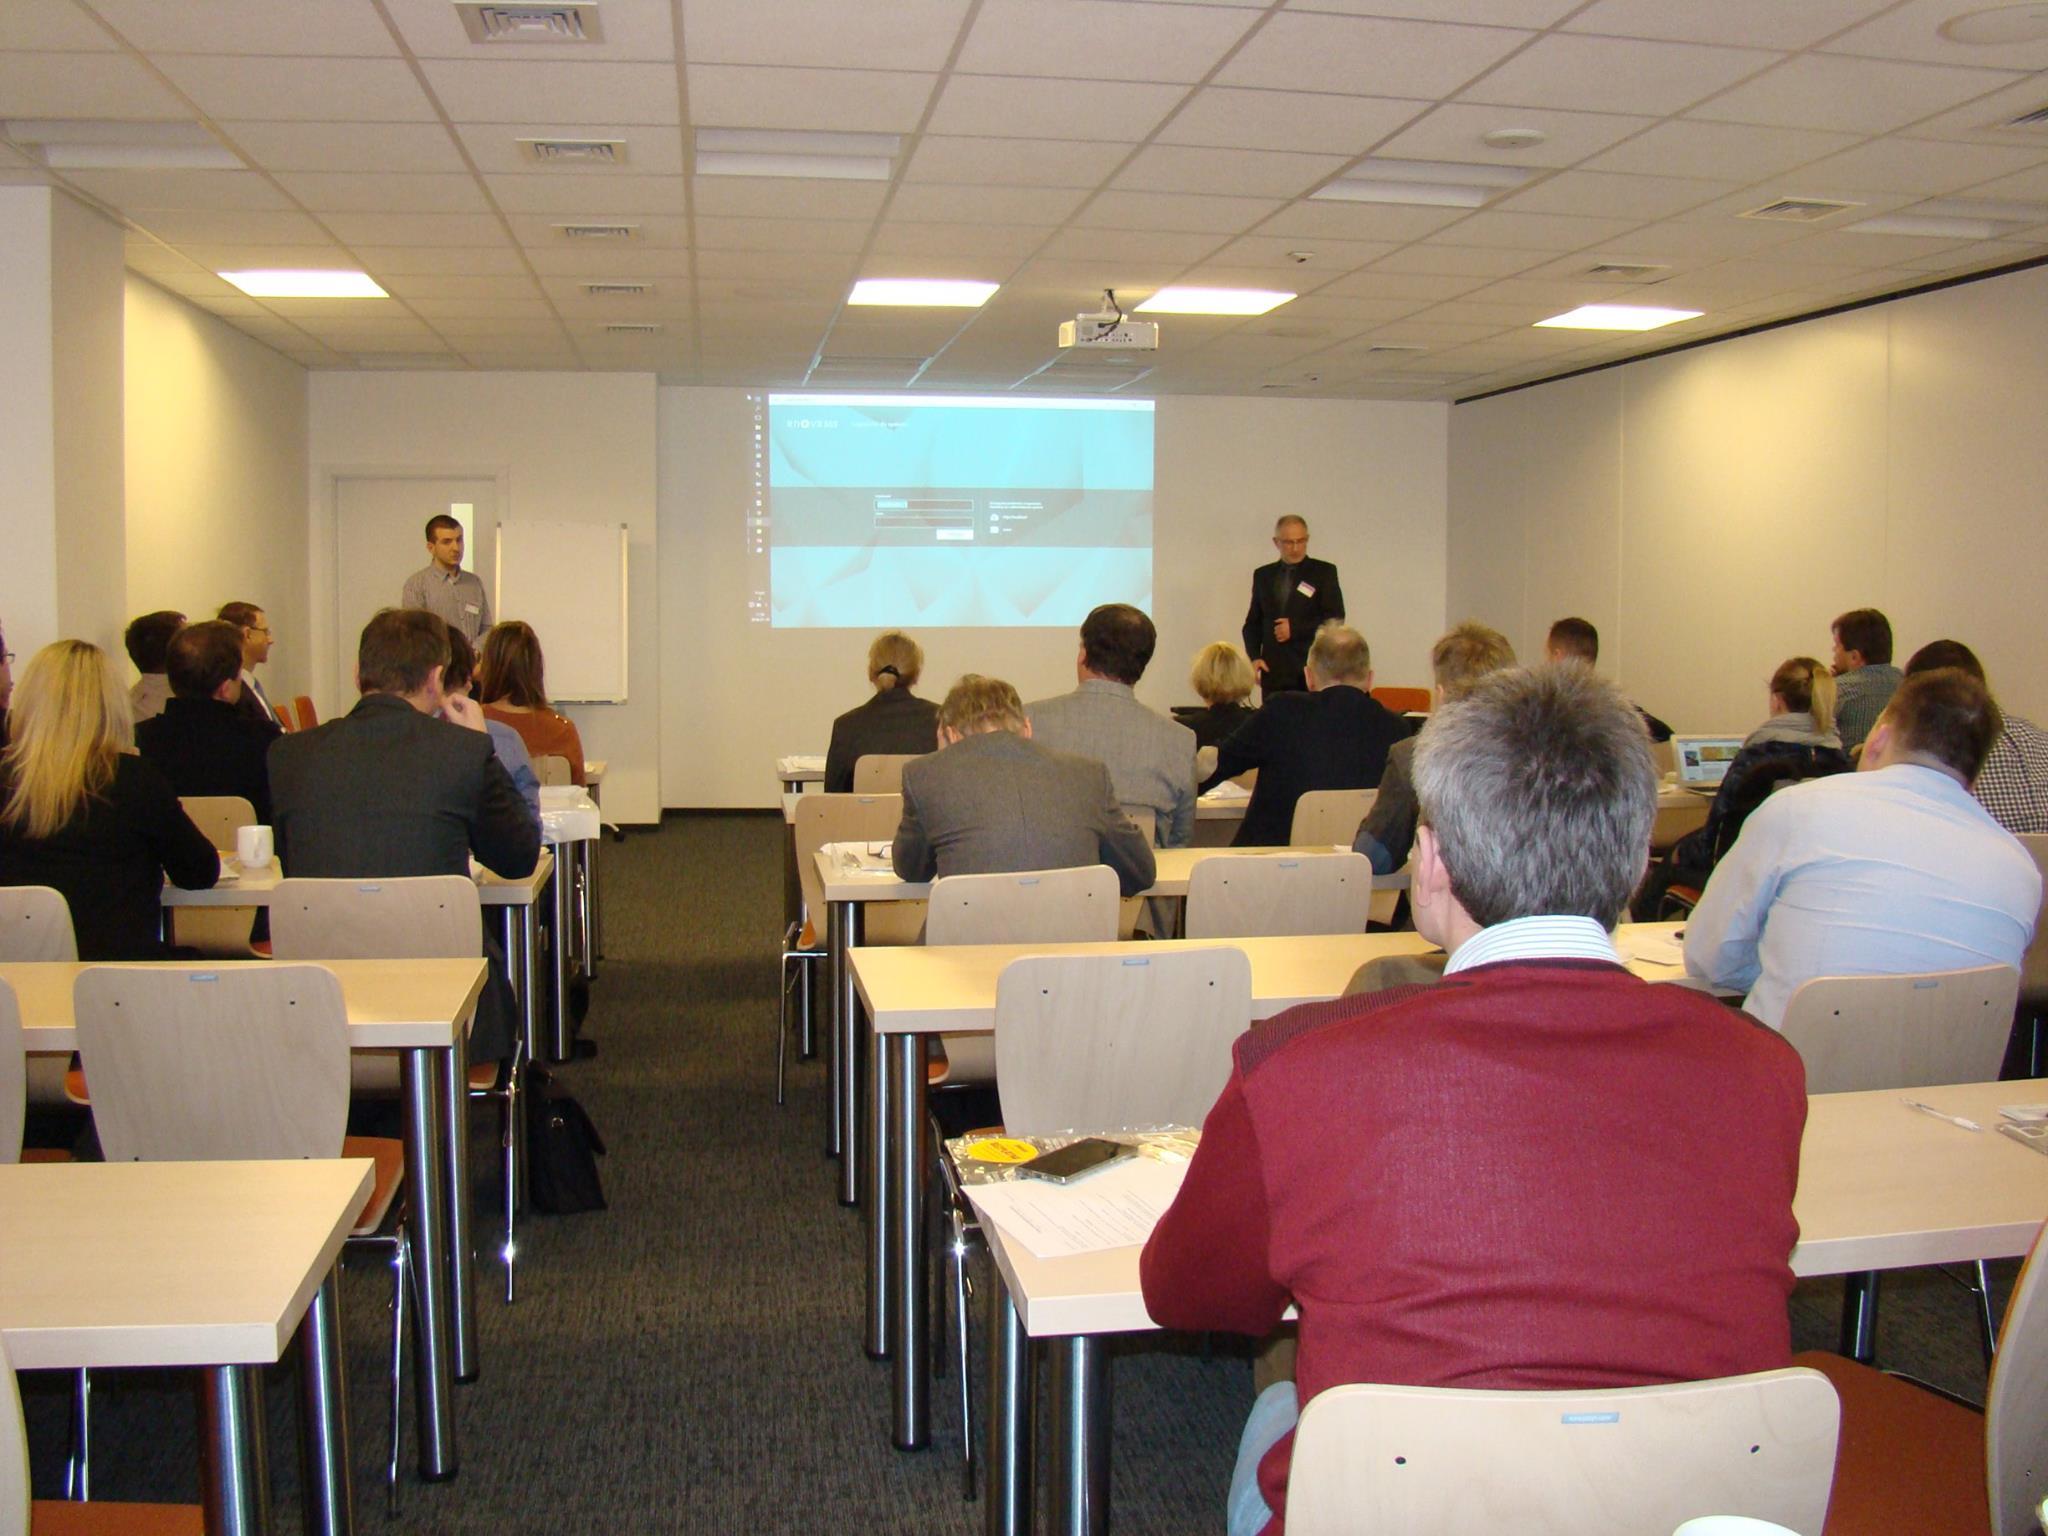 Konferencja - Wpływ technologii na kondycję przedsiębiorstw - systemy ERP i CRM.